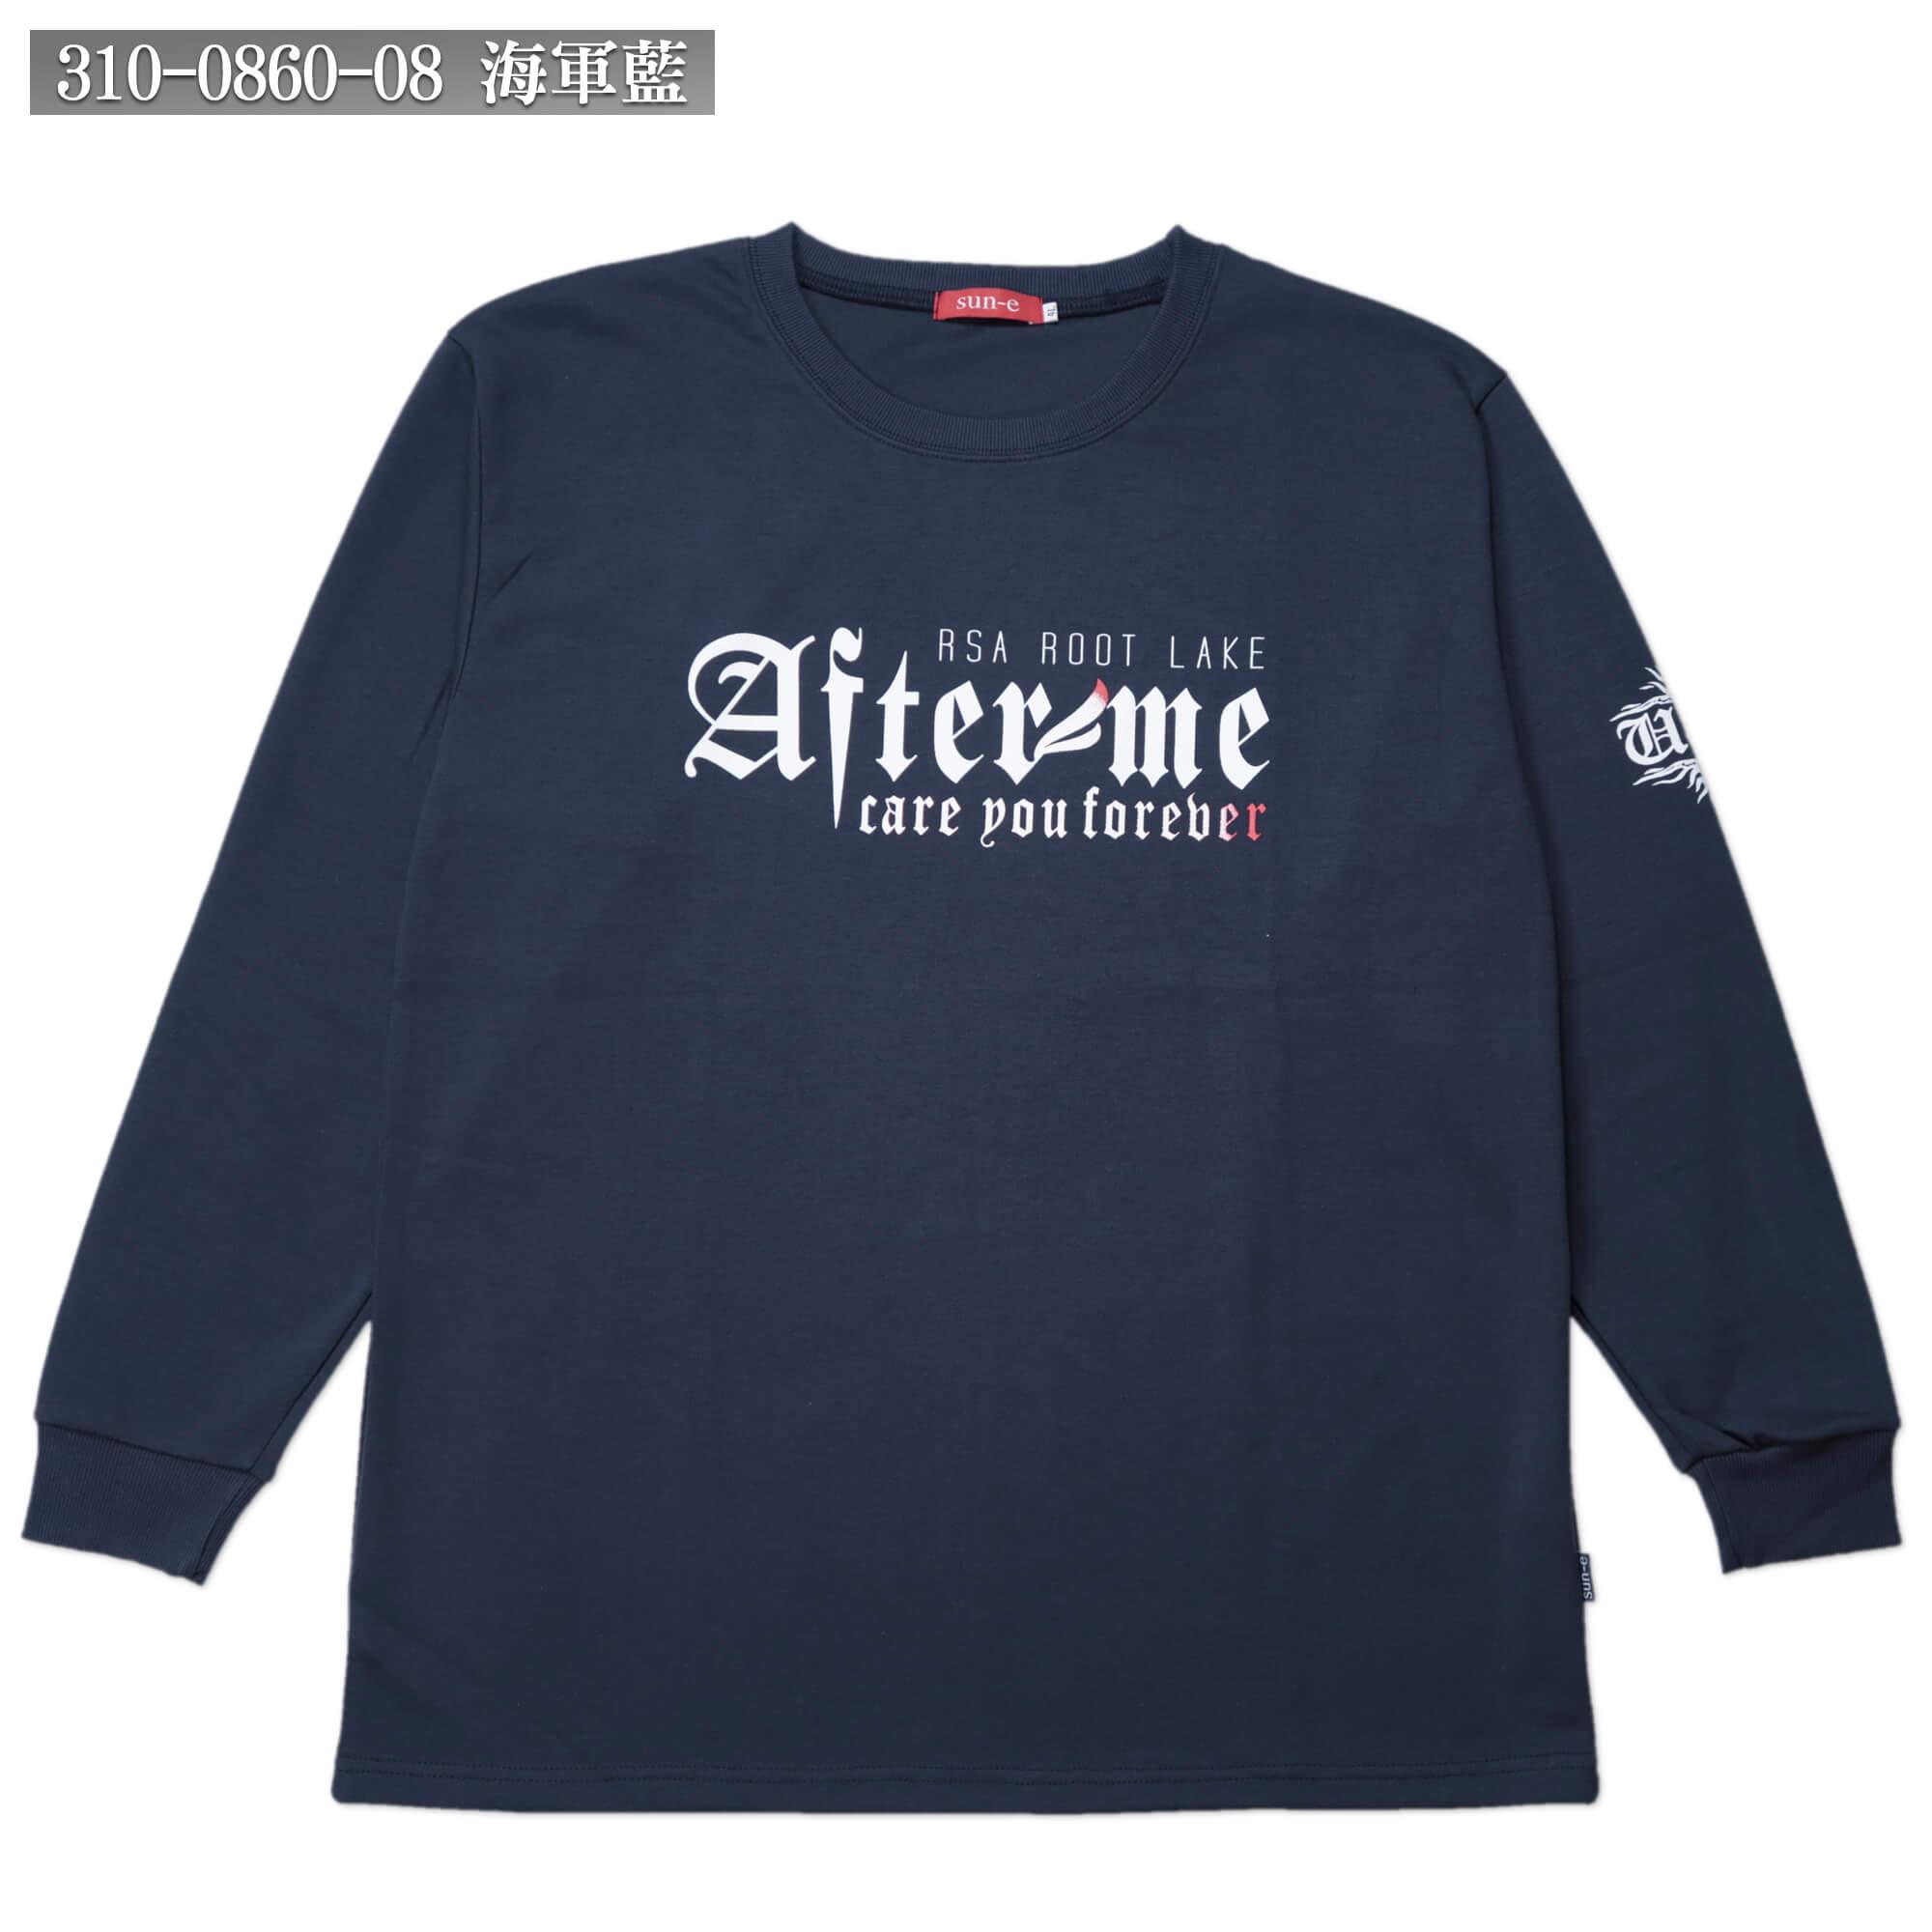 加大尺碼台灣製長袖T恤 哥德體英文字彈性圓領T恤 T-shirt 長袖上衣 休閒長TEE 藍色T恤 黑色T恤 MADE IN TAIWAN NAVY BLUE BIG_AND_TALL (310-0860-08)海軍藍、(310-0860-21)黑色 4L 6L(胸圍52~57英吋) [實體店面保障] sun-e 1